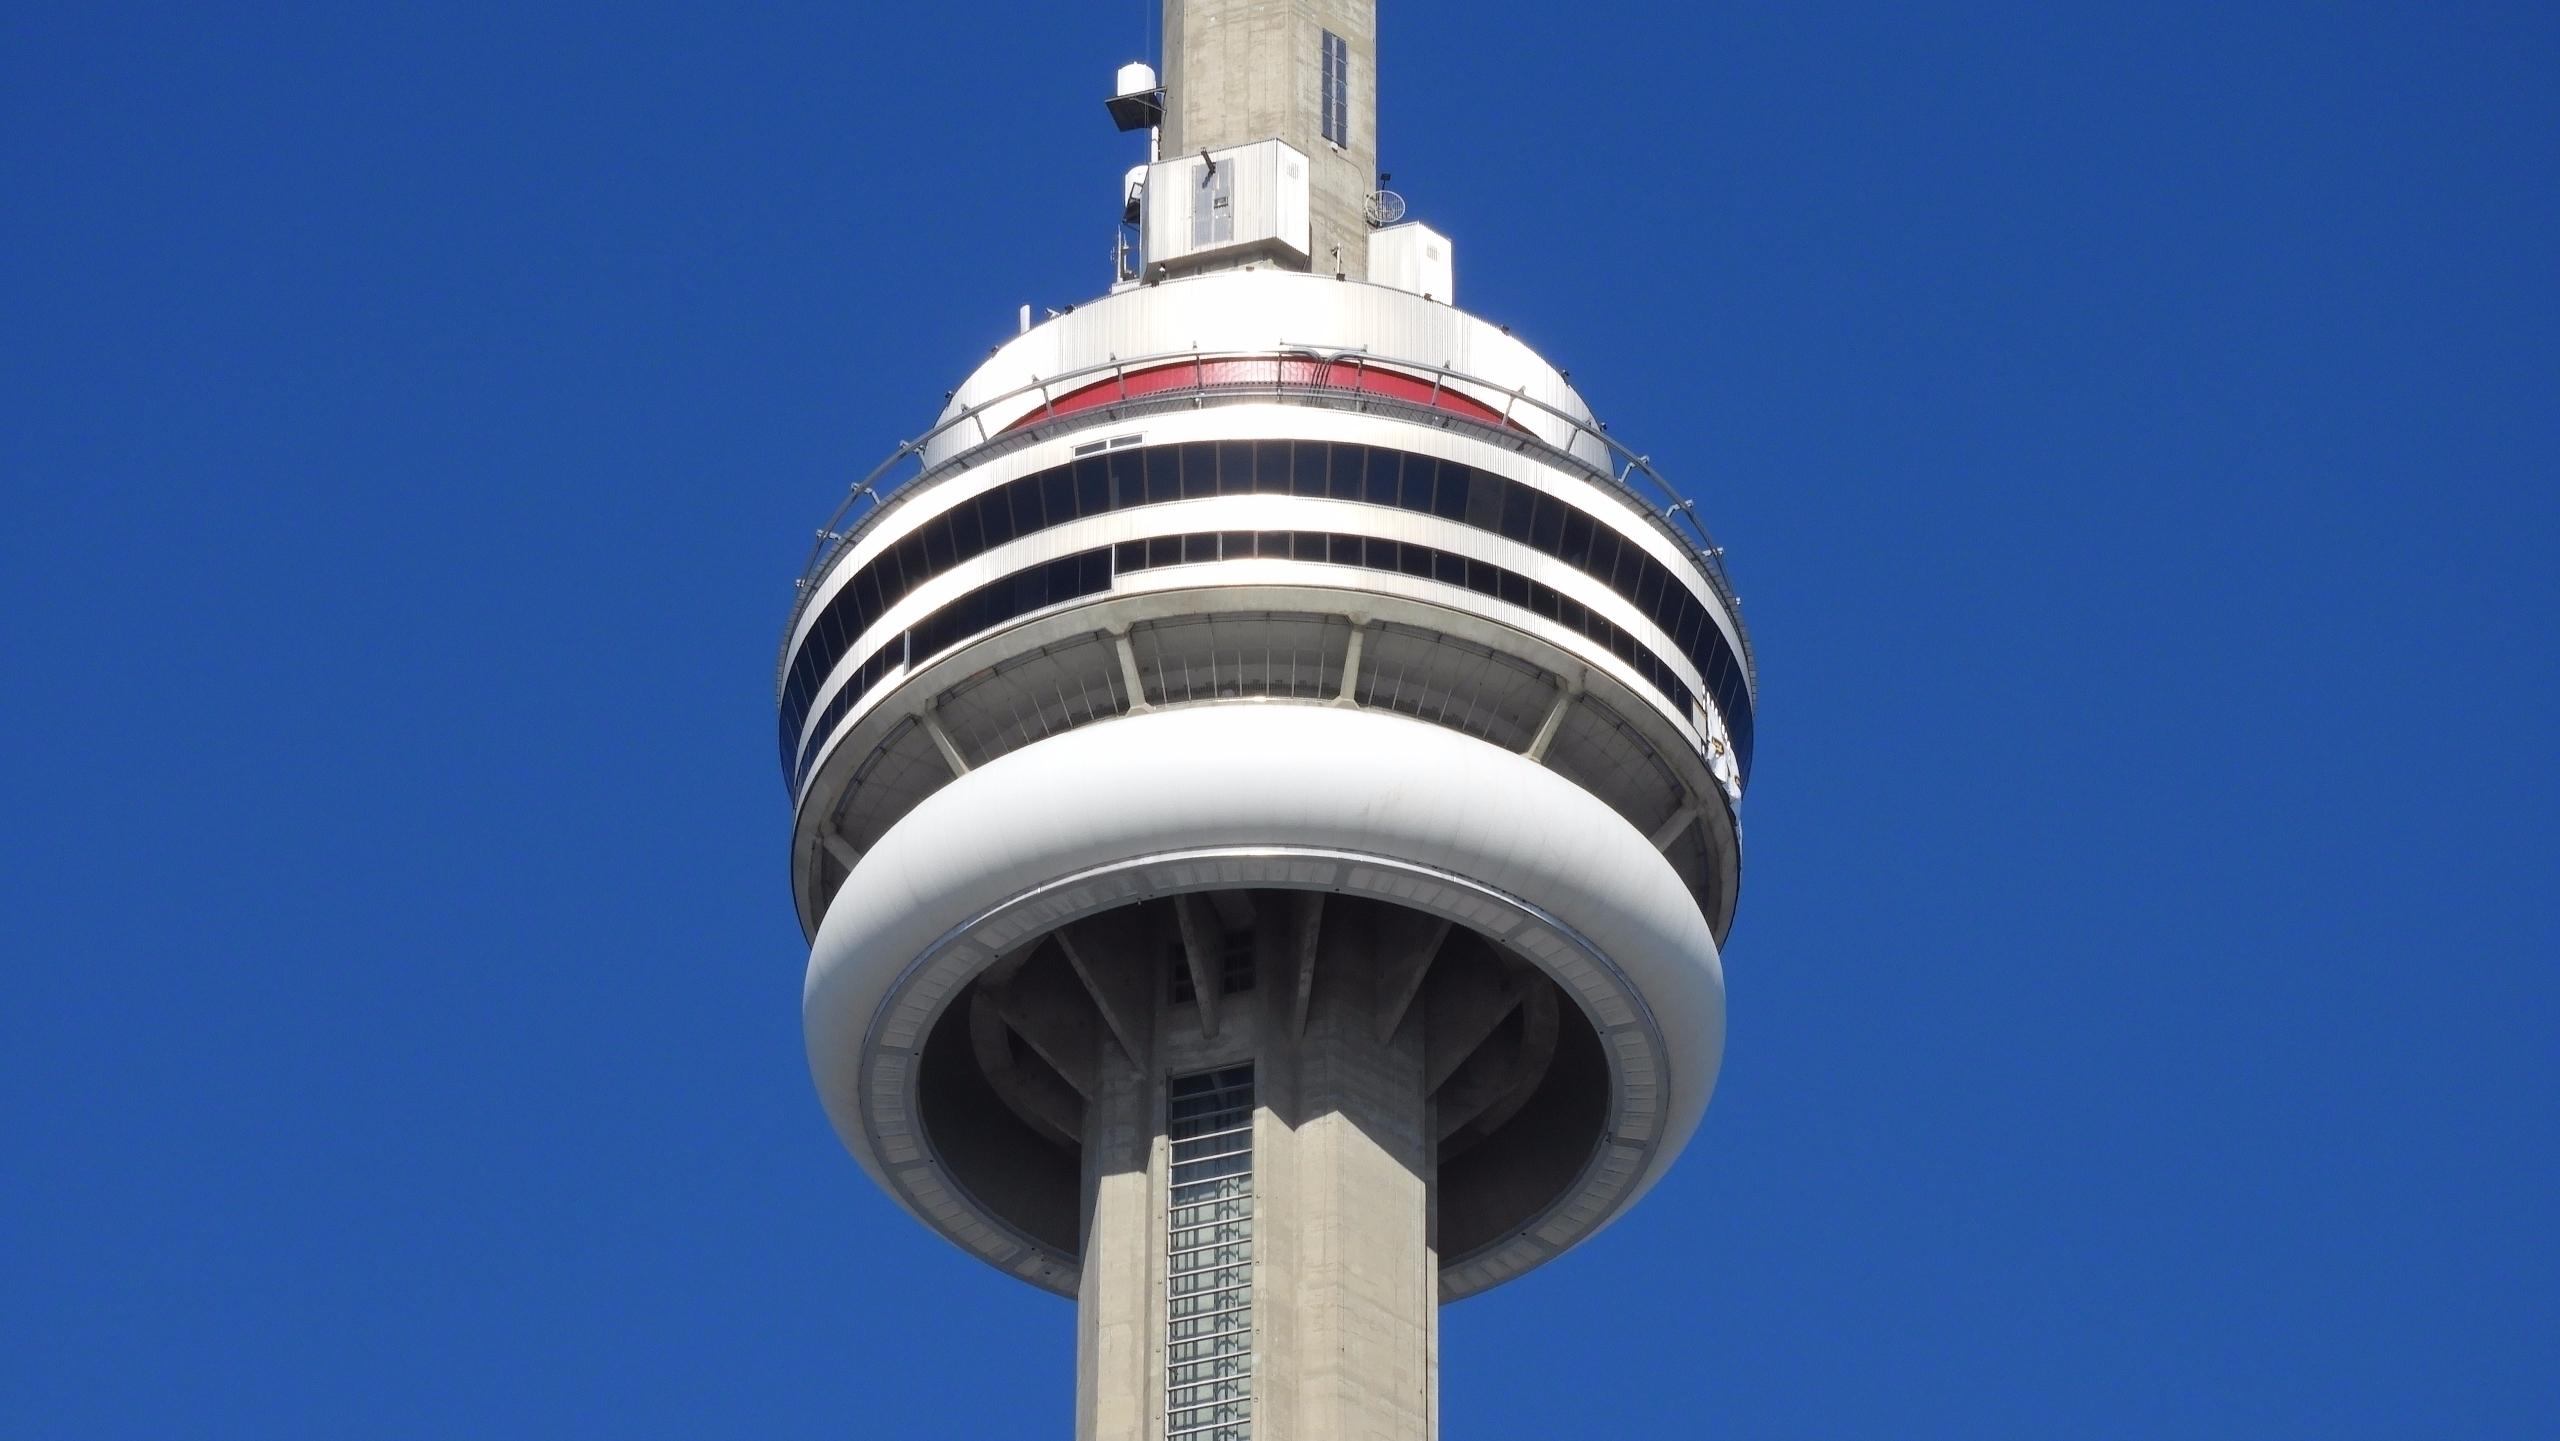 Closeup CN Tower, Toronto - architecture - koutayba | ello